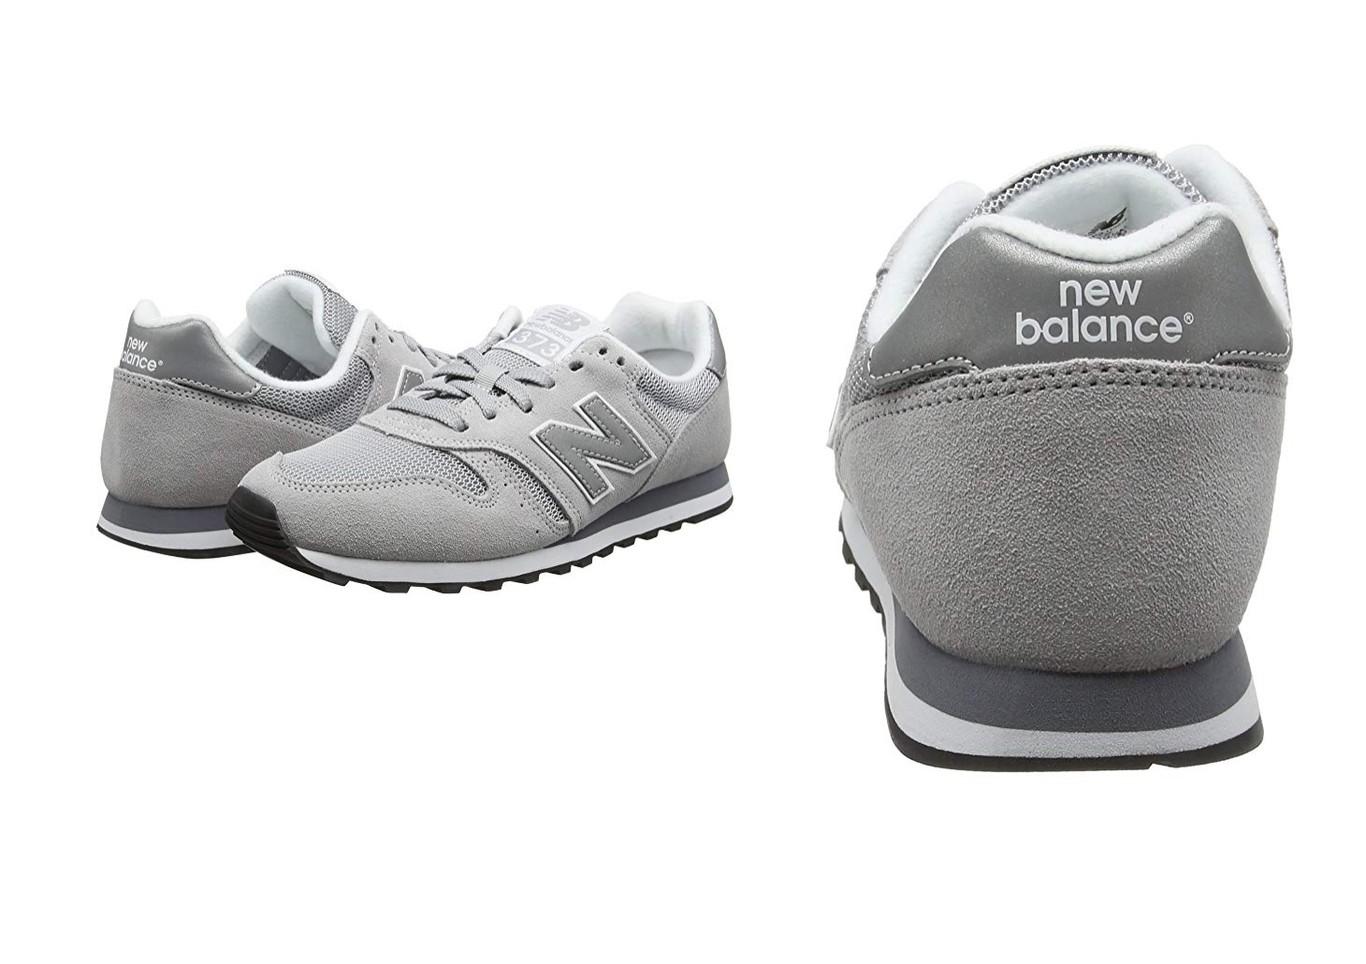 new balance 373 hombres piel